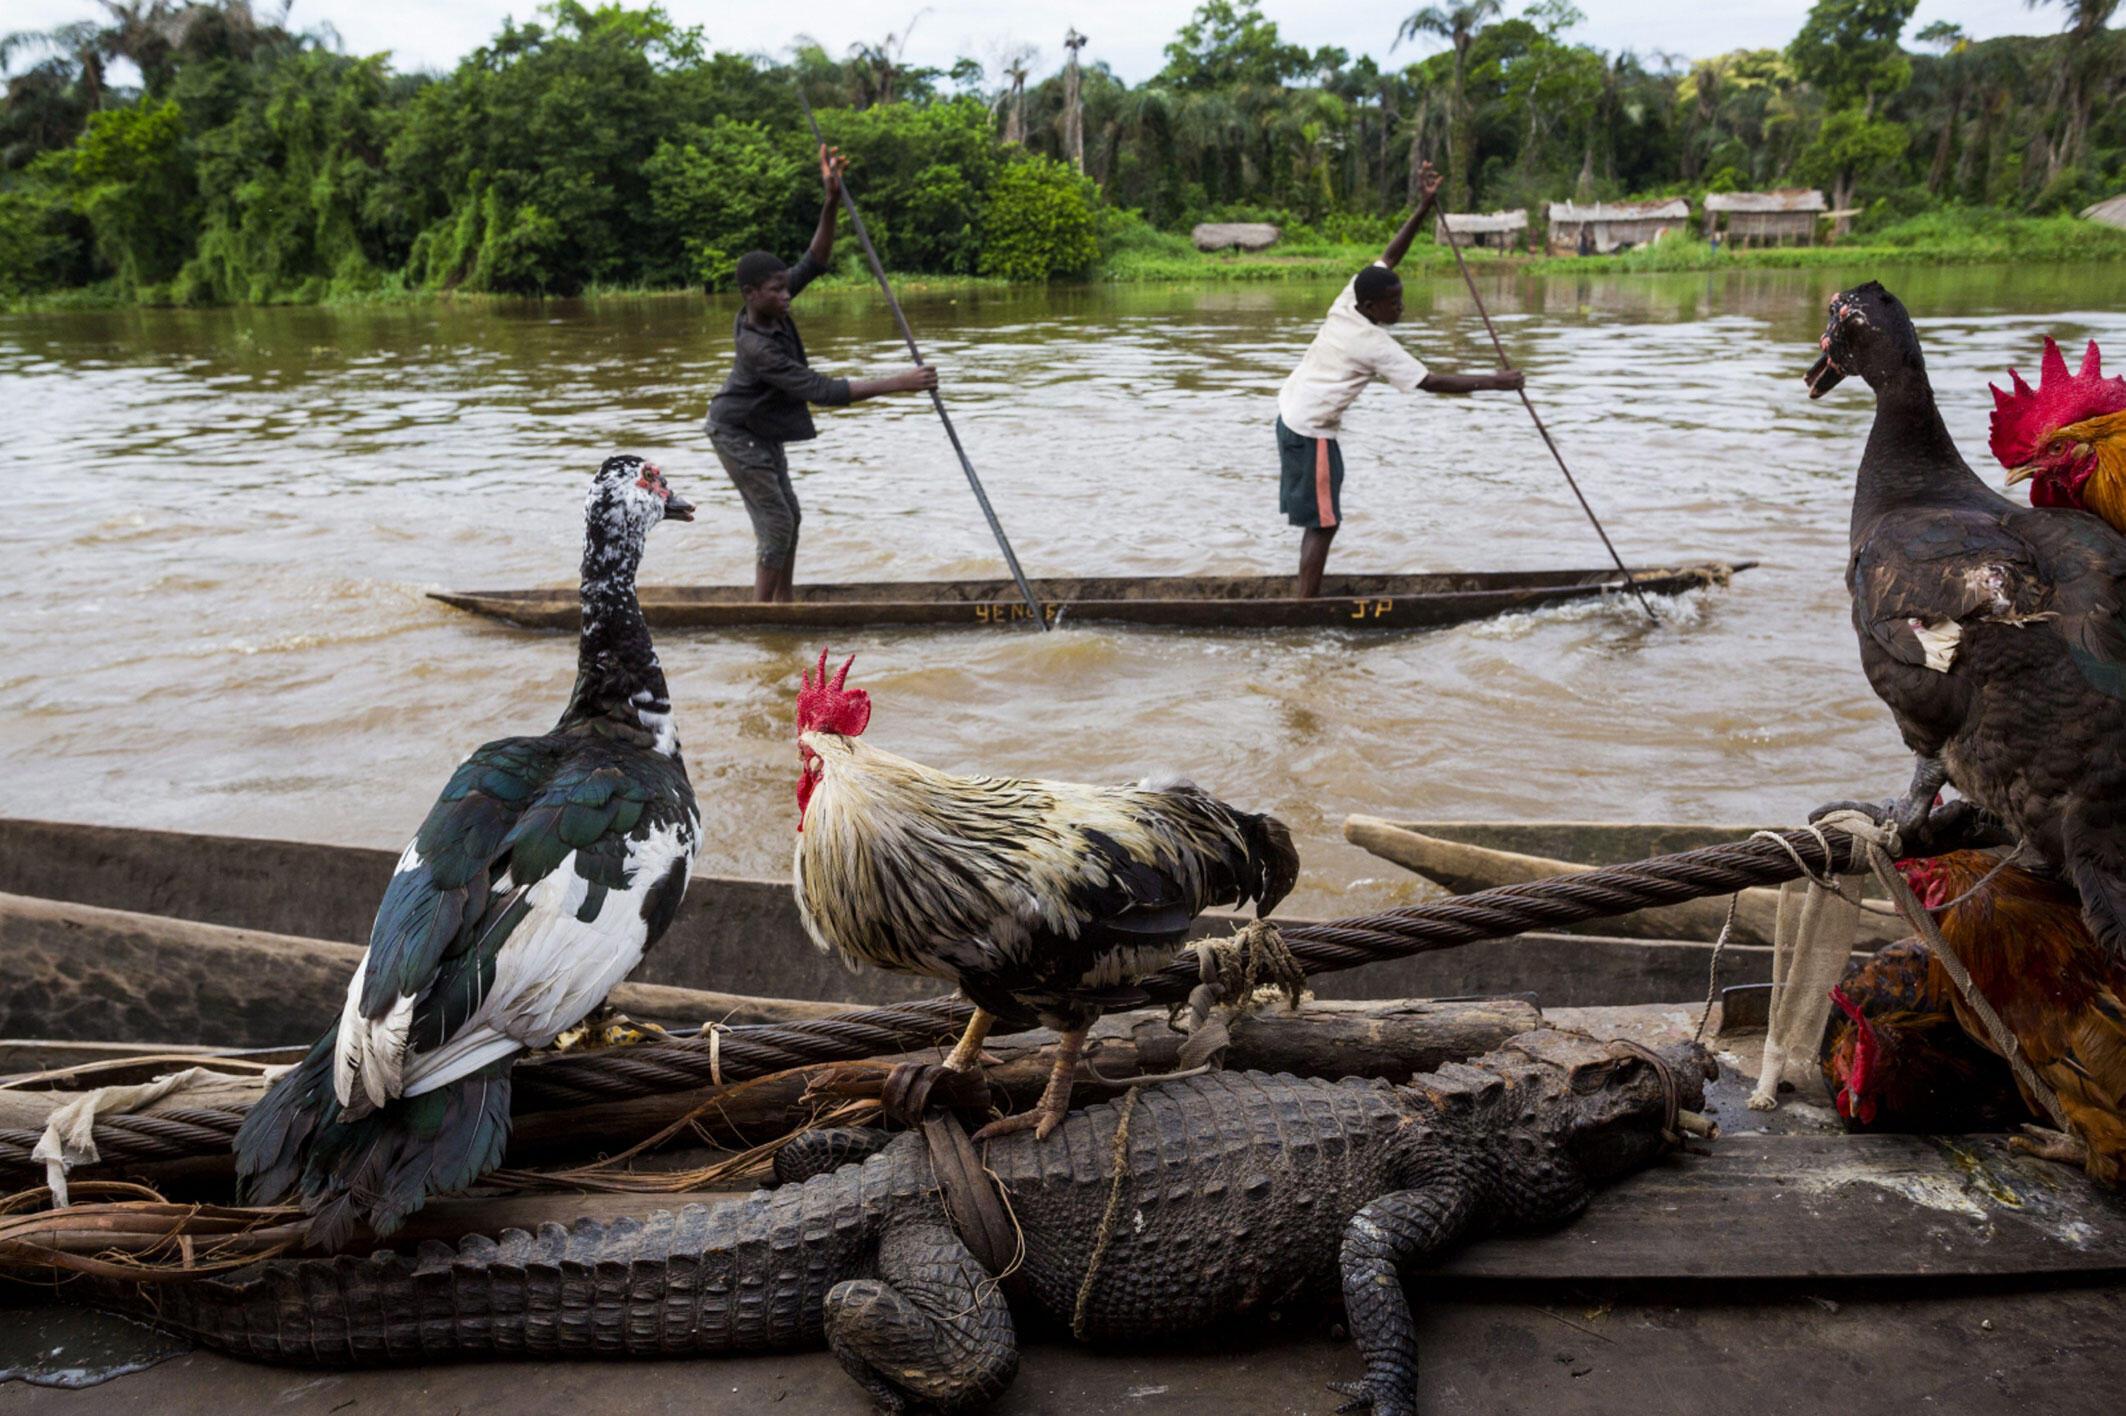 Pascal Maitre expose ses photos du fleuve Congo au bord duquel vivent 30 millions de personnes ...et quelques animaux.